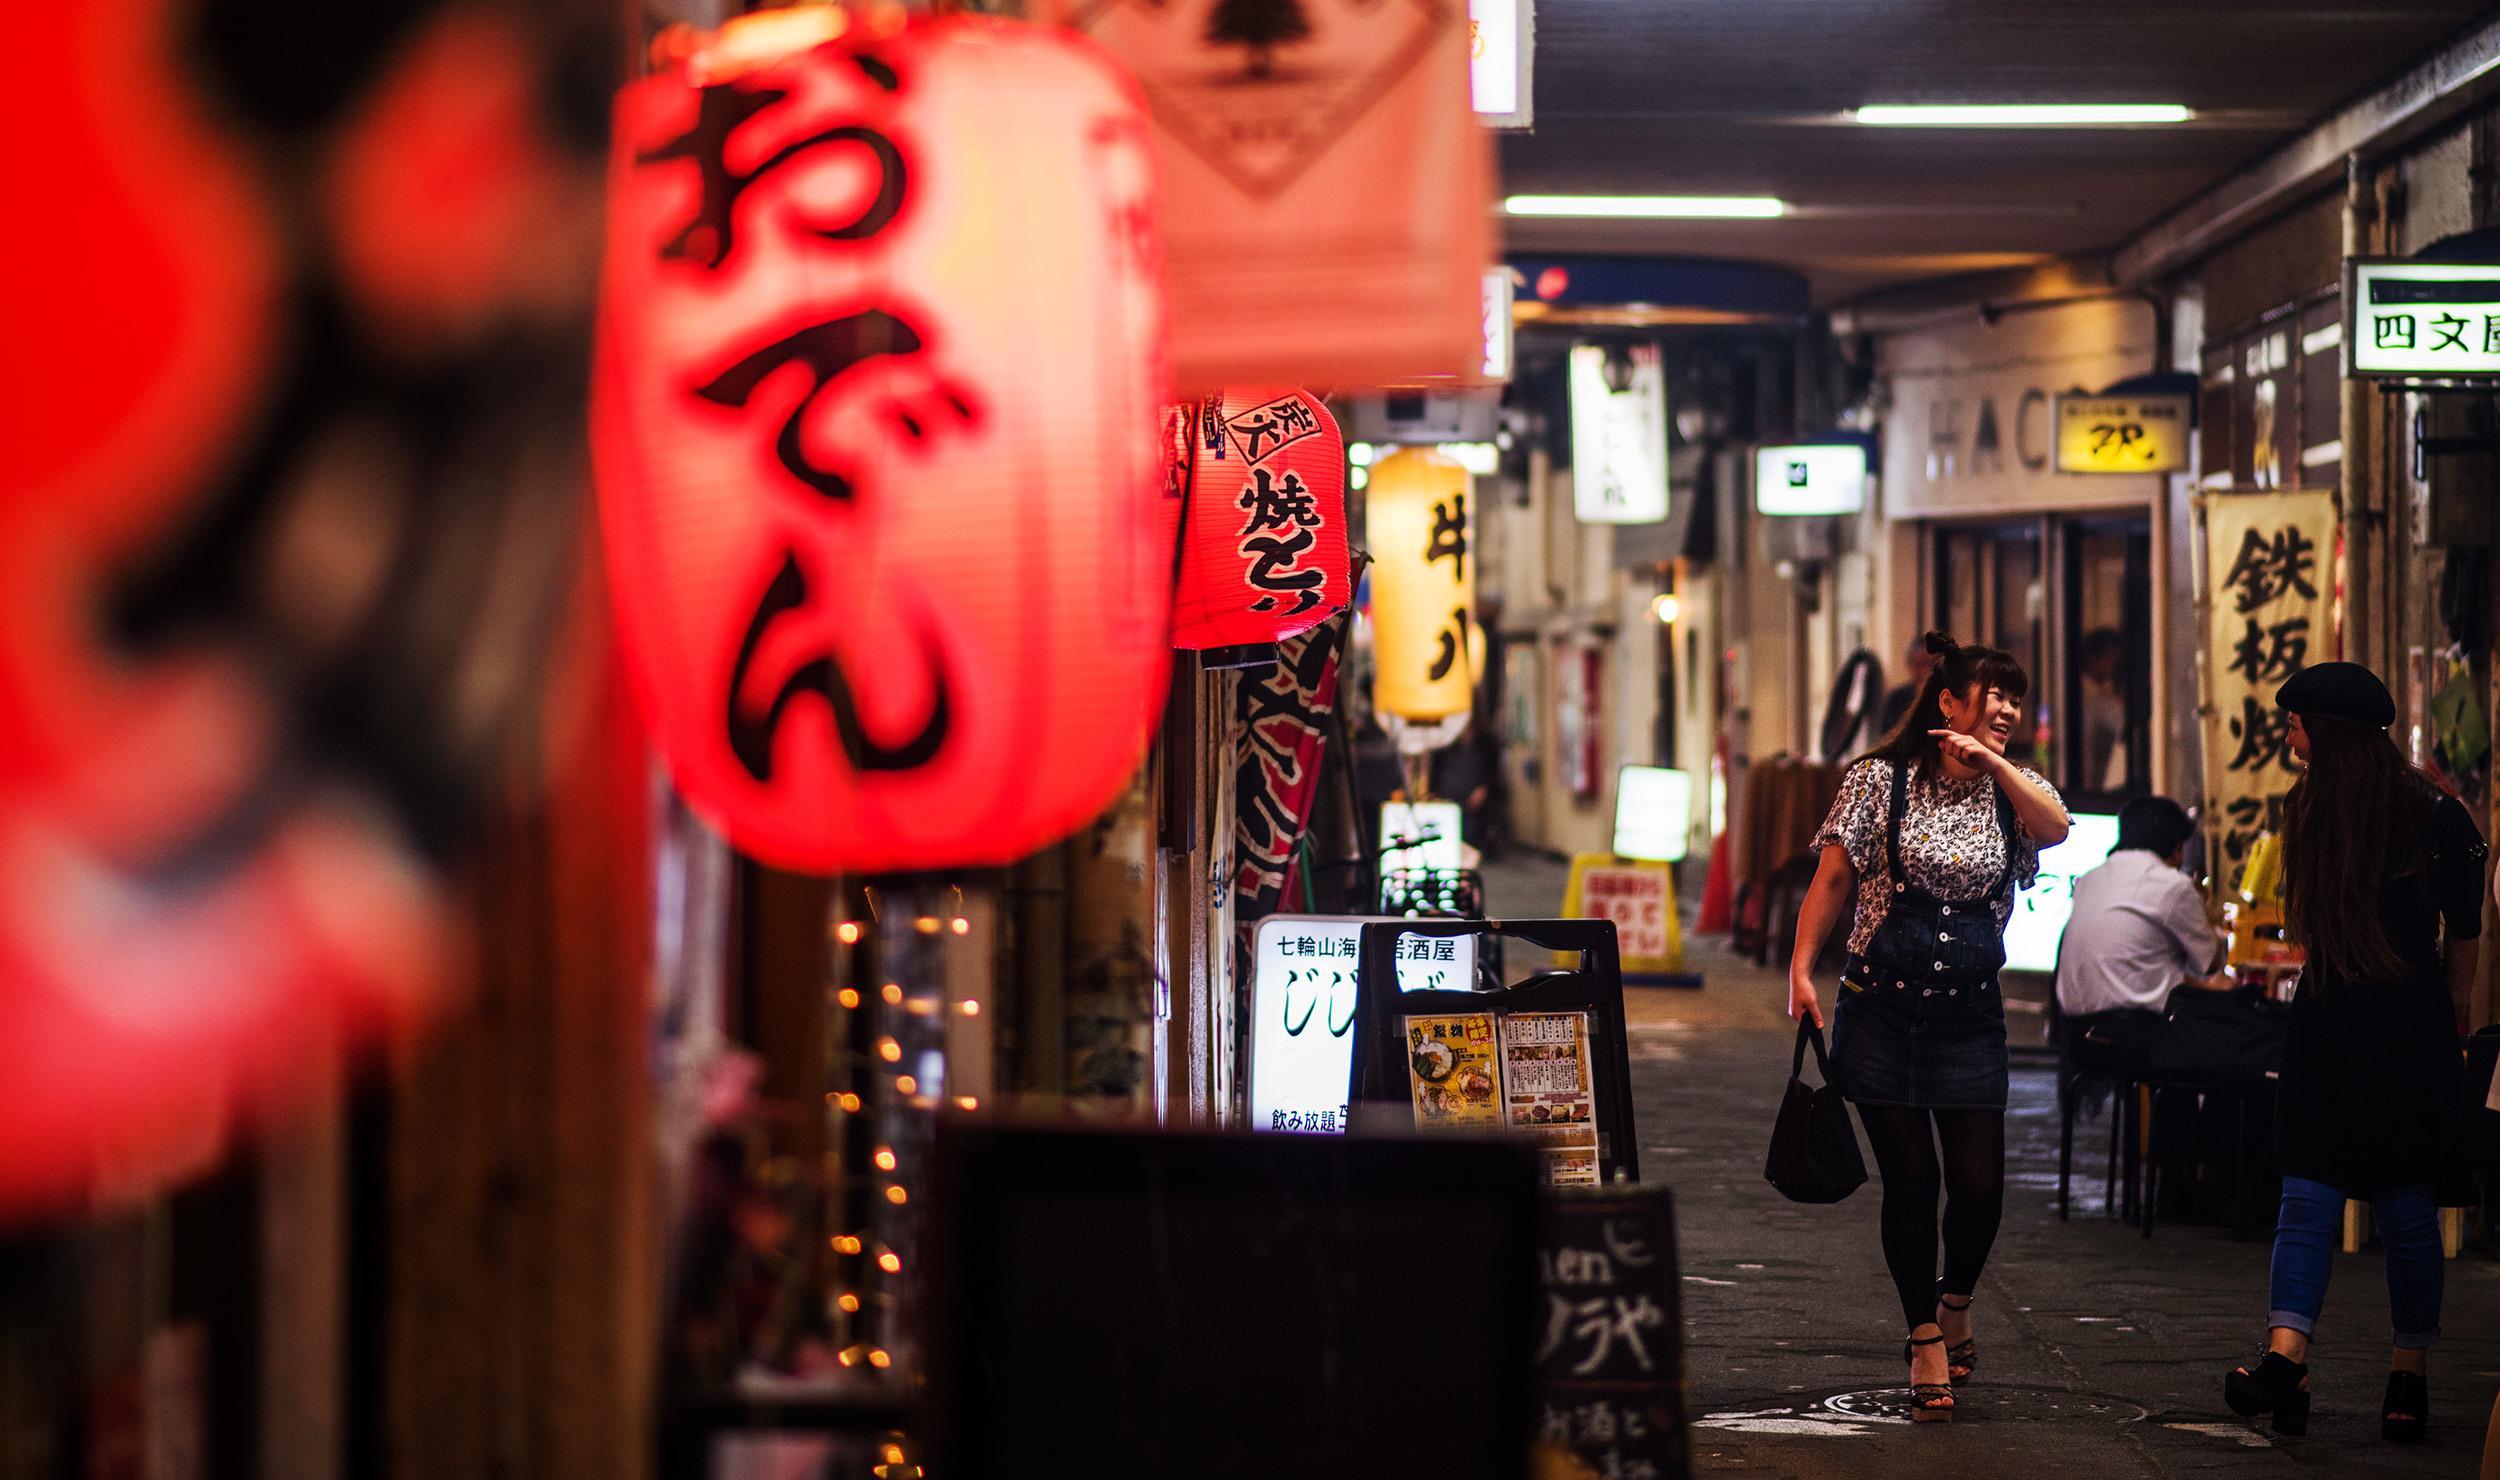 koenji_street_photography_DSC5762.jpg